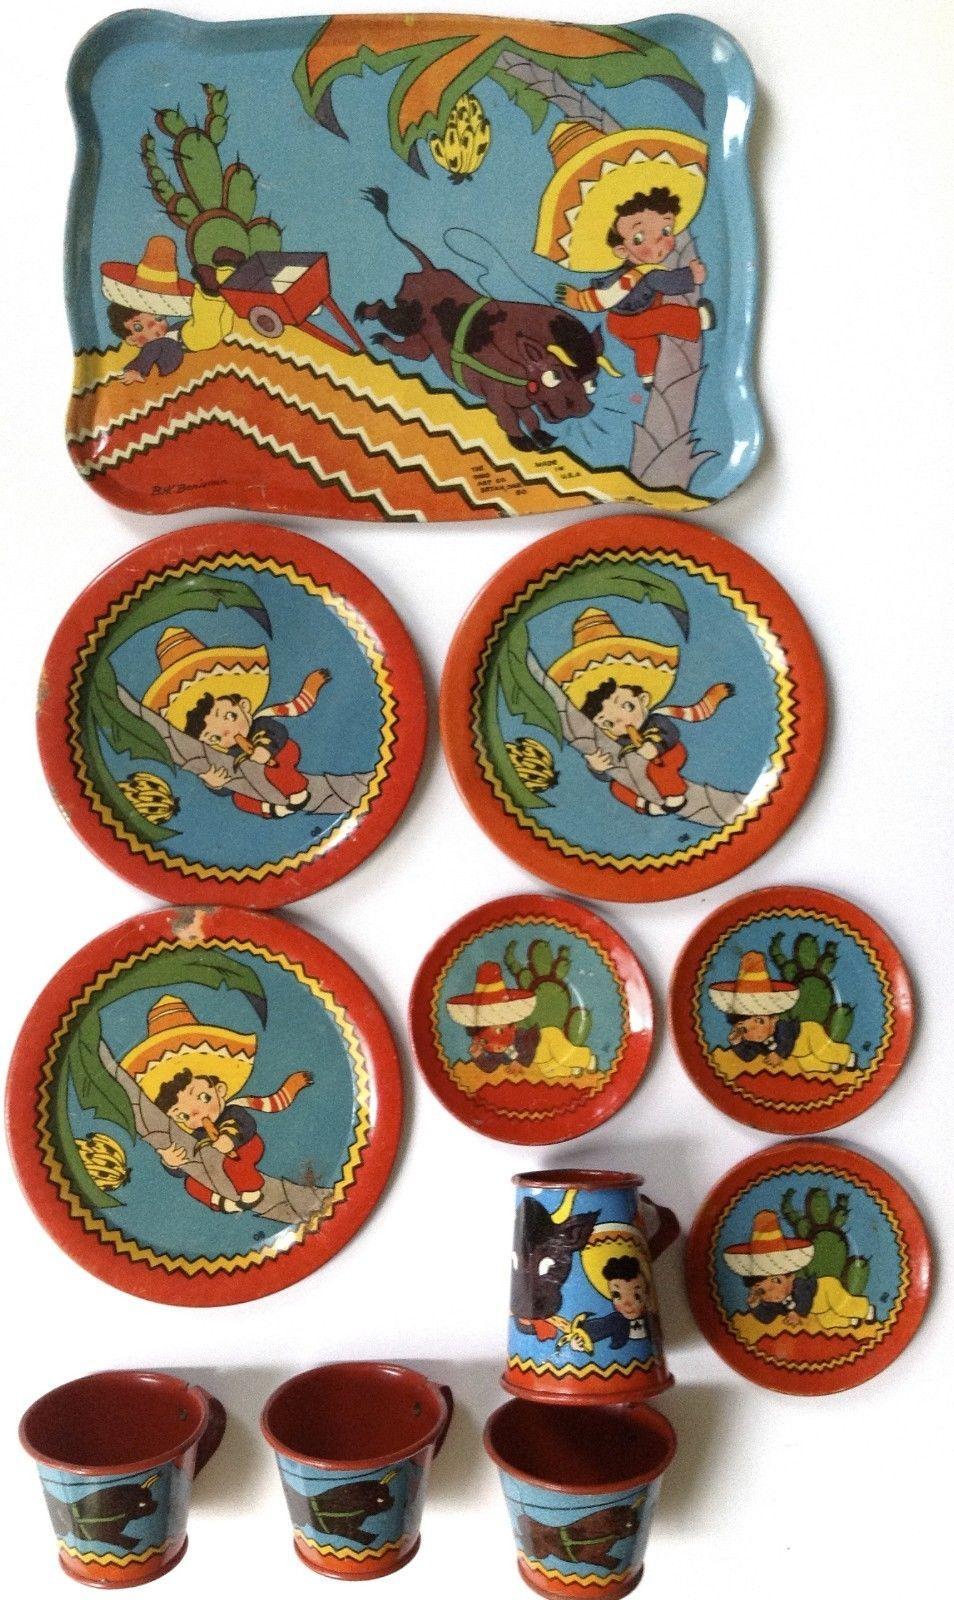 Toy Tea Sets For Boys : Vintage ohio art tin litho toy tea set b h k